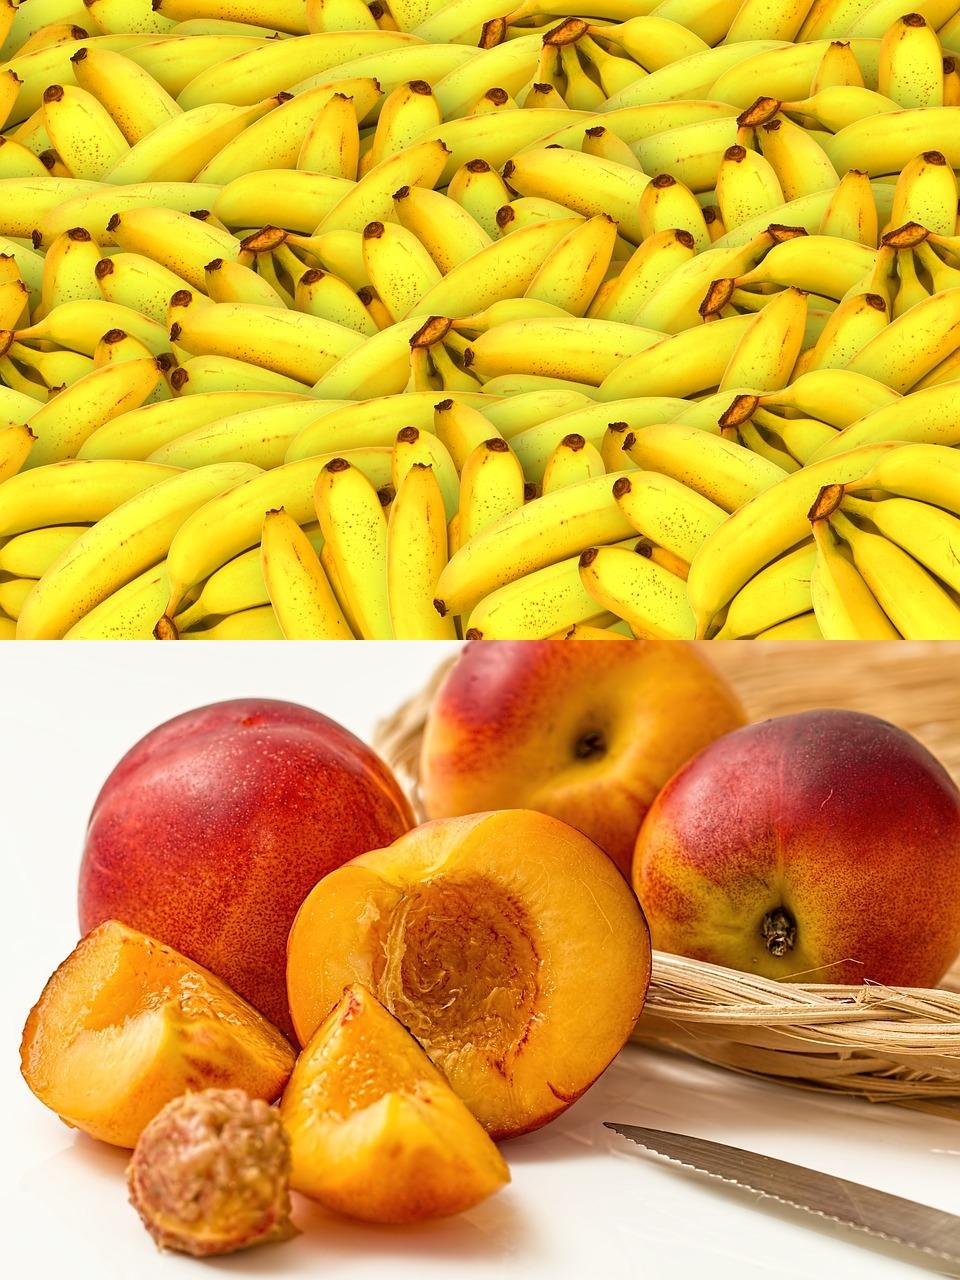 最後是香蕉與水蜜桃!睡前一根香蕉是好的,因為香蕉是色胺酸含量最高和含鎂的水果,能夠改善失眠的問題~